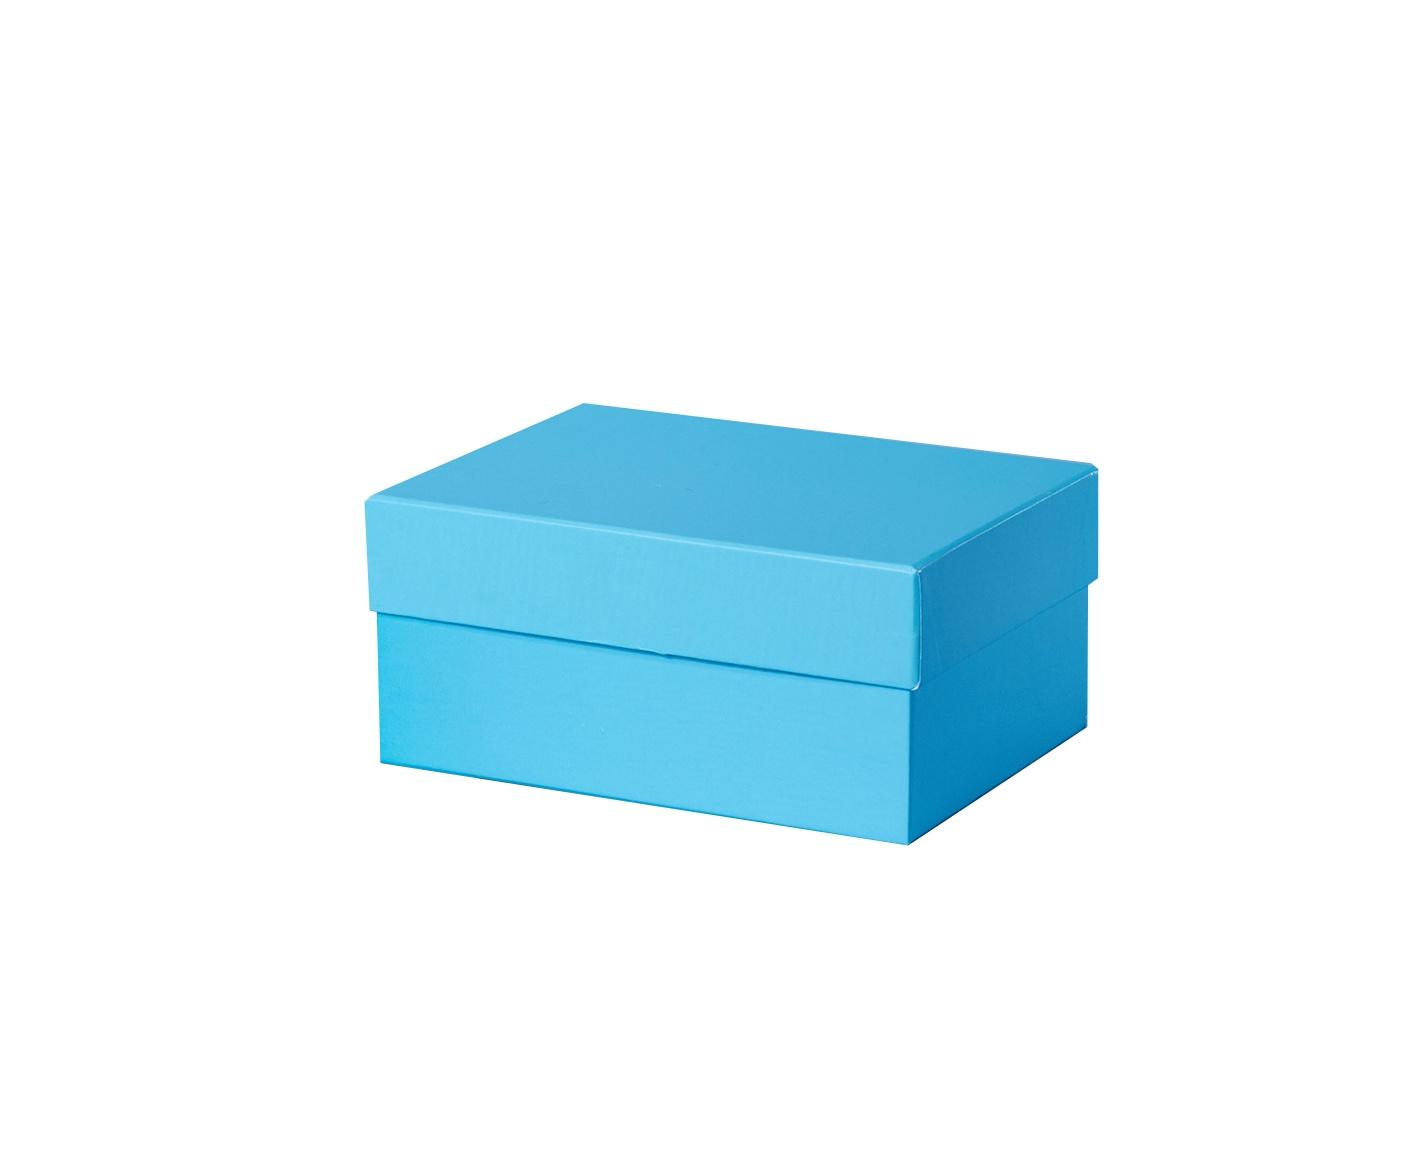 Подарочная упаковка paparforhappy Подарочная коробка, голубой подарочная коробка ароматные пионы